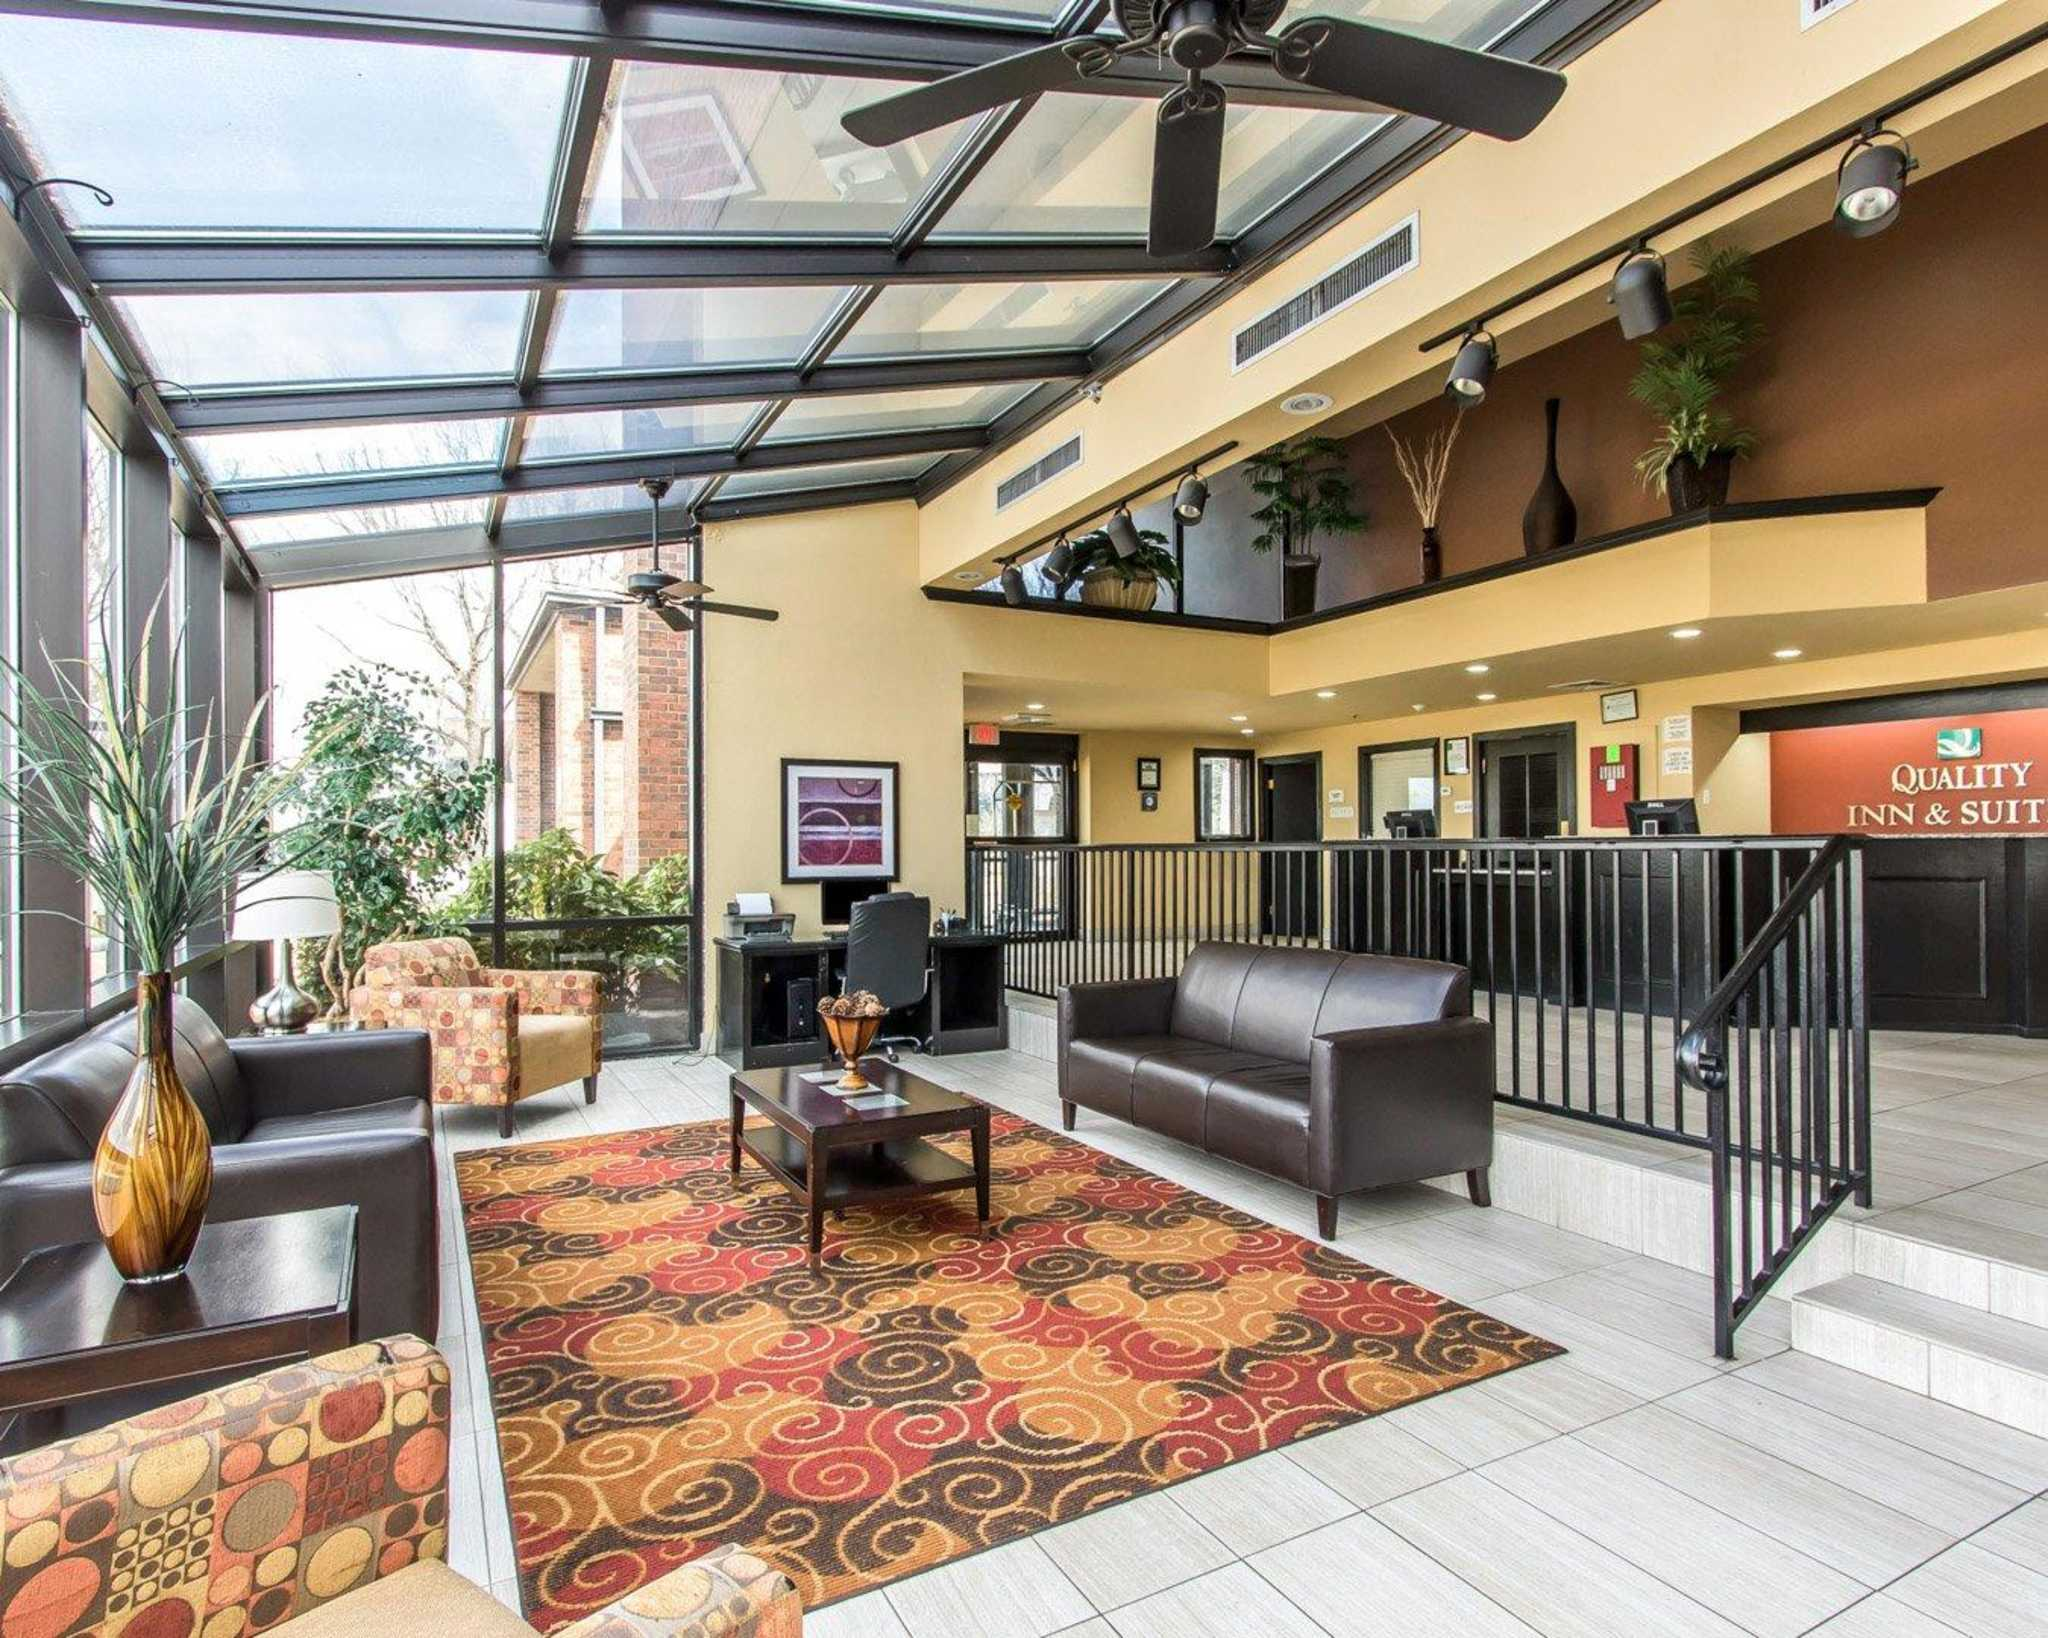 Quality Inn & Suites Fairgrounds West image 0